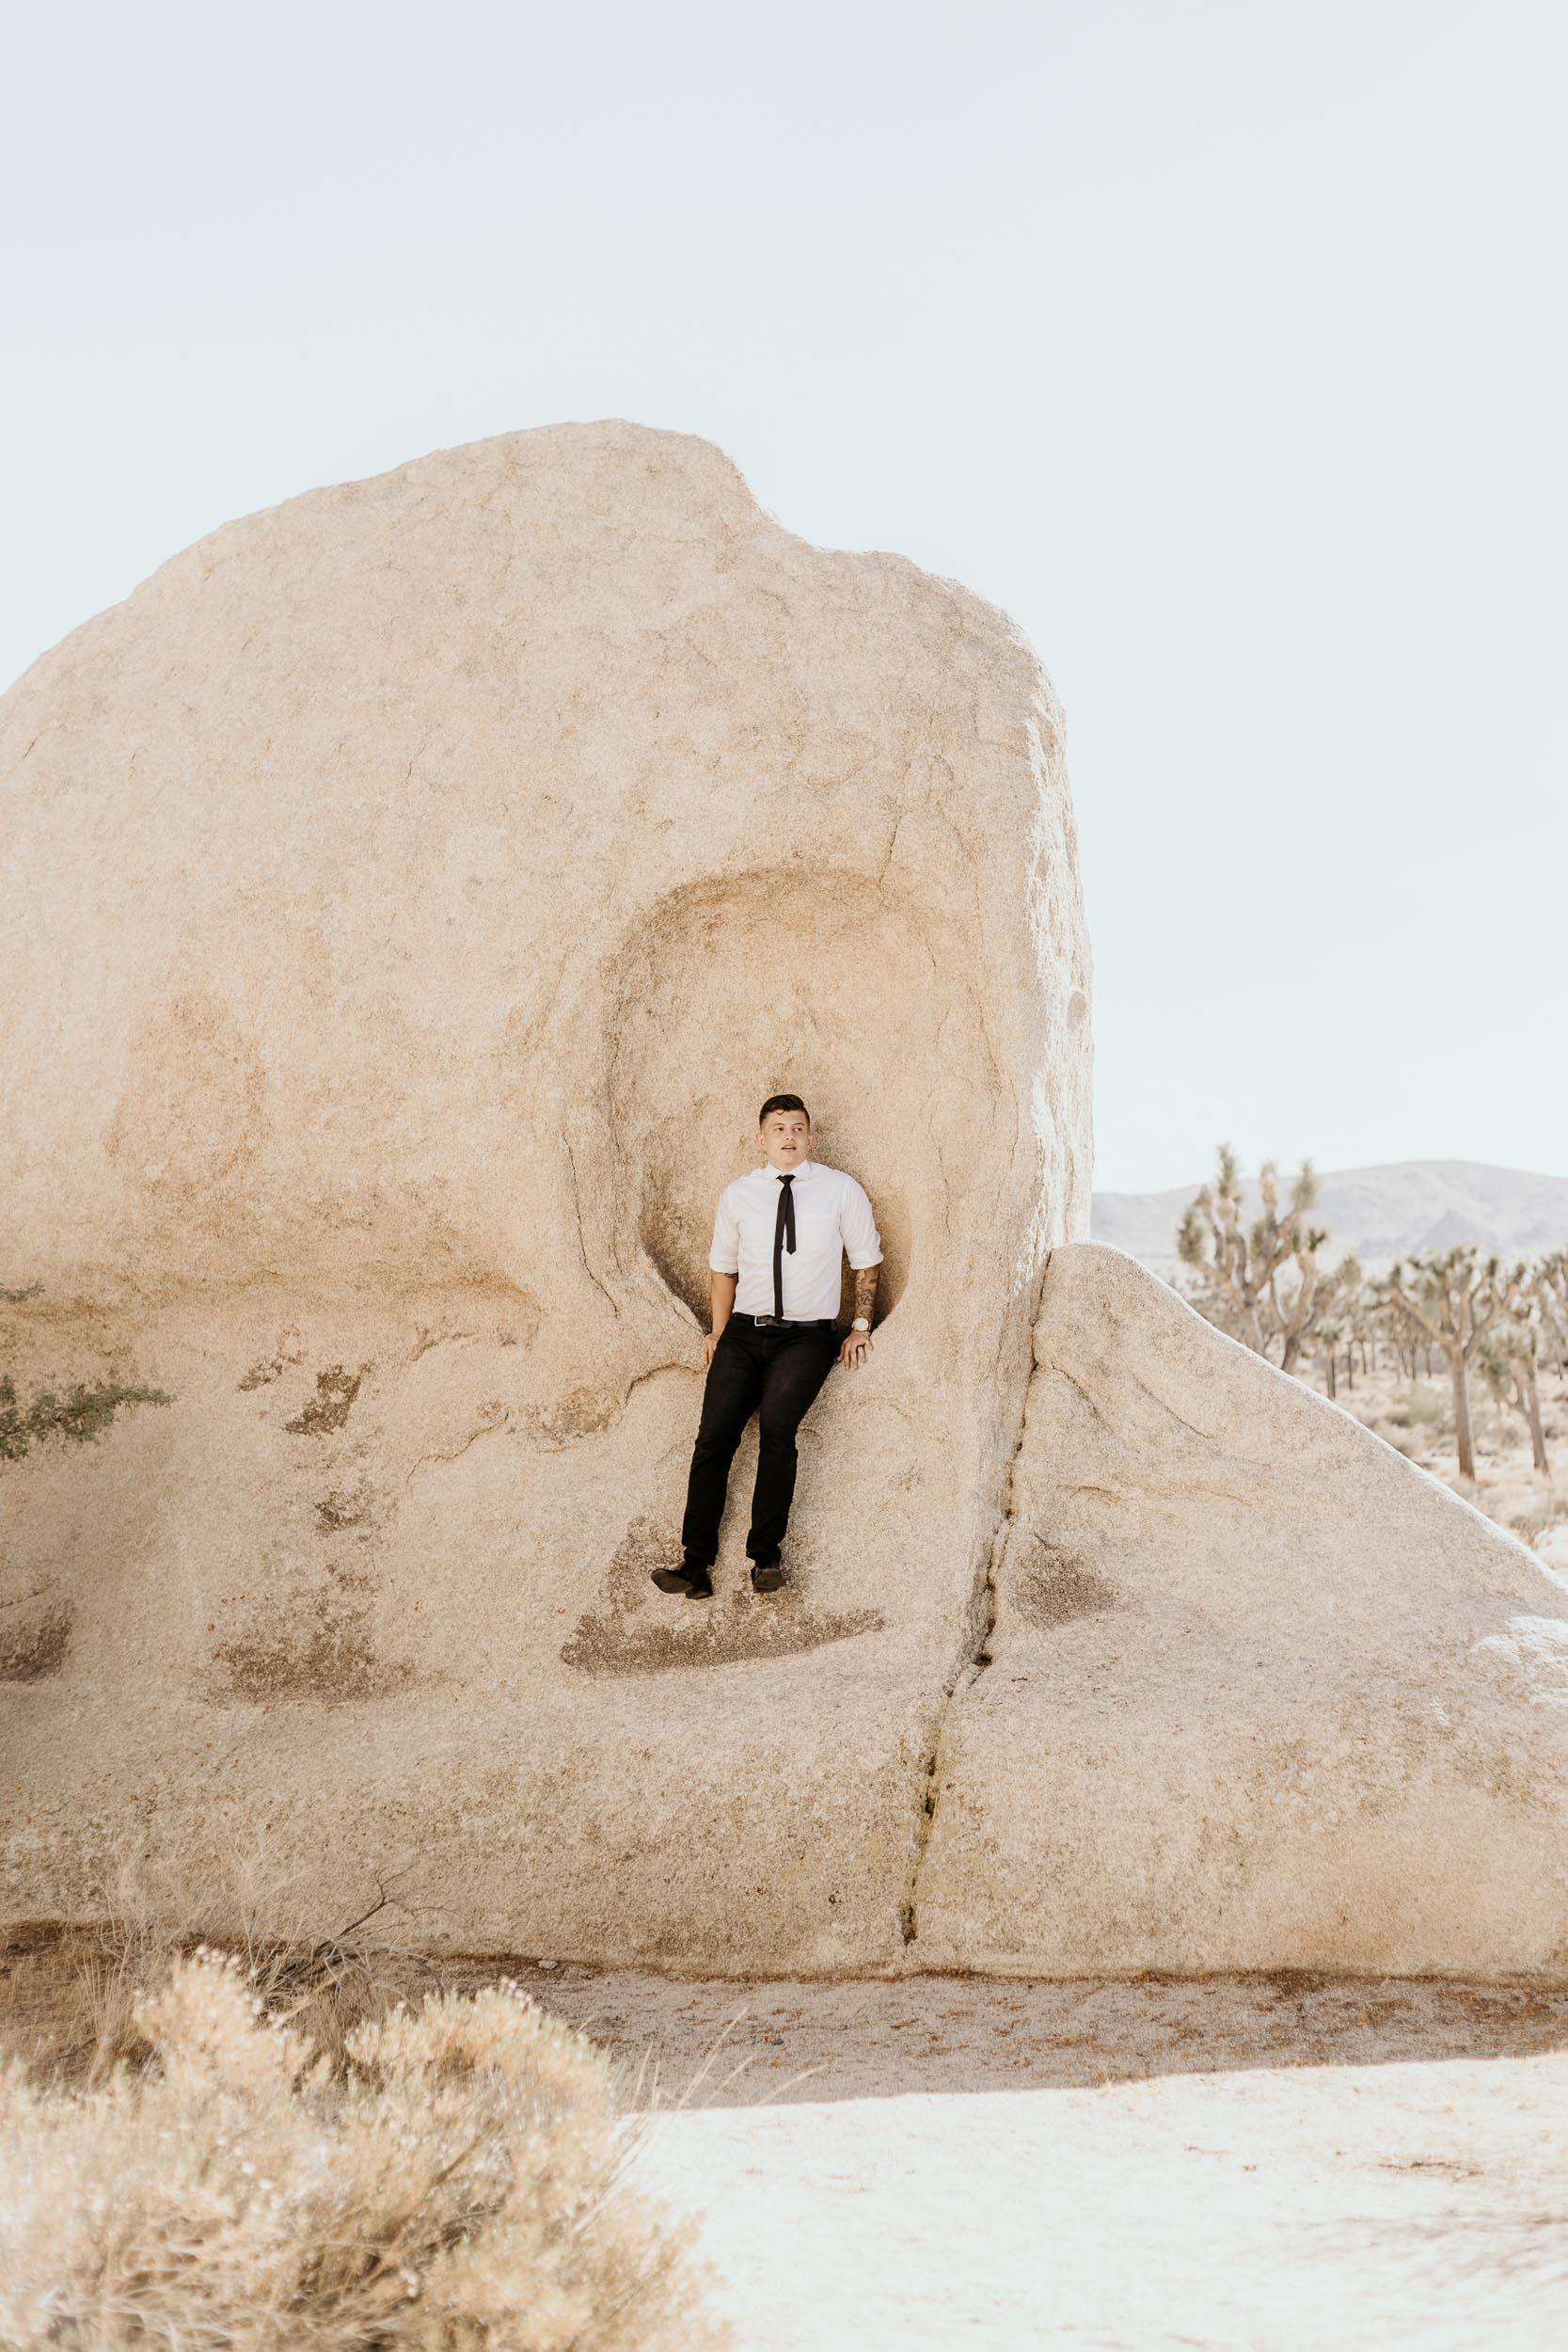 intimate-wedding-elopement-photographer-ottawa-joshua-tree-0501.jpg